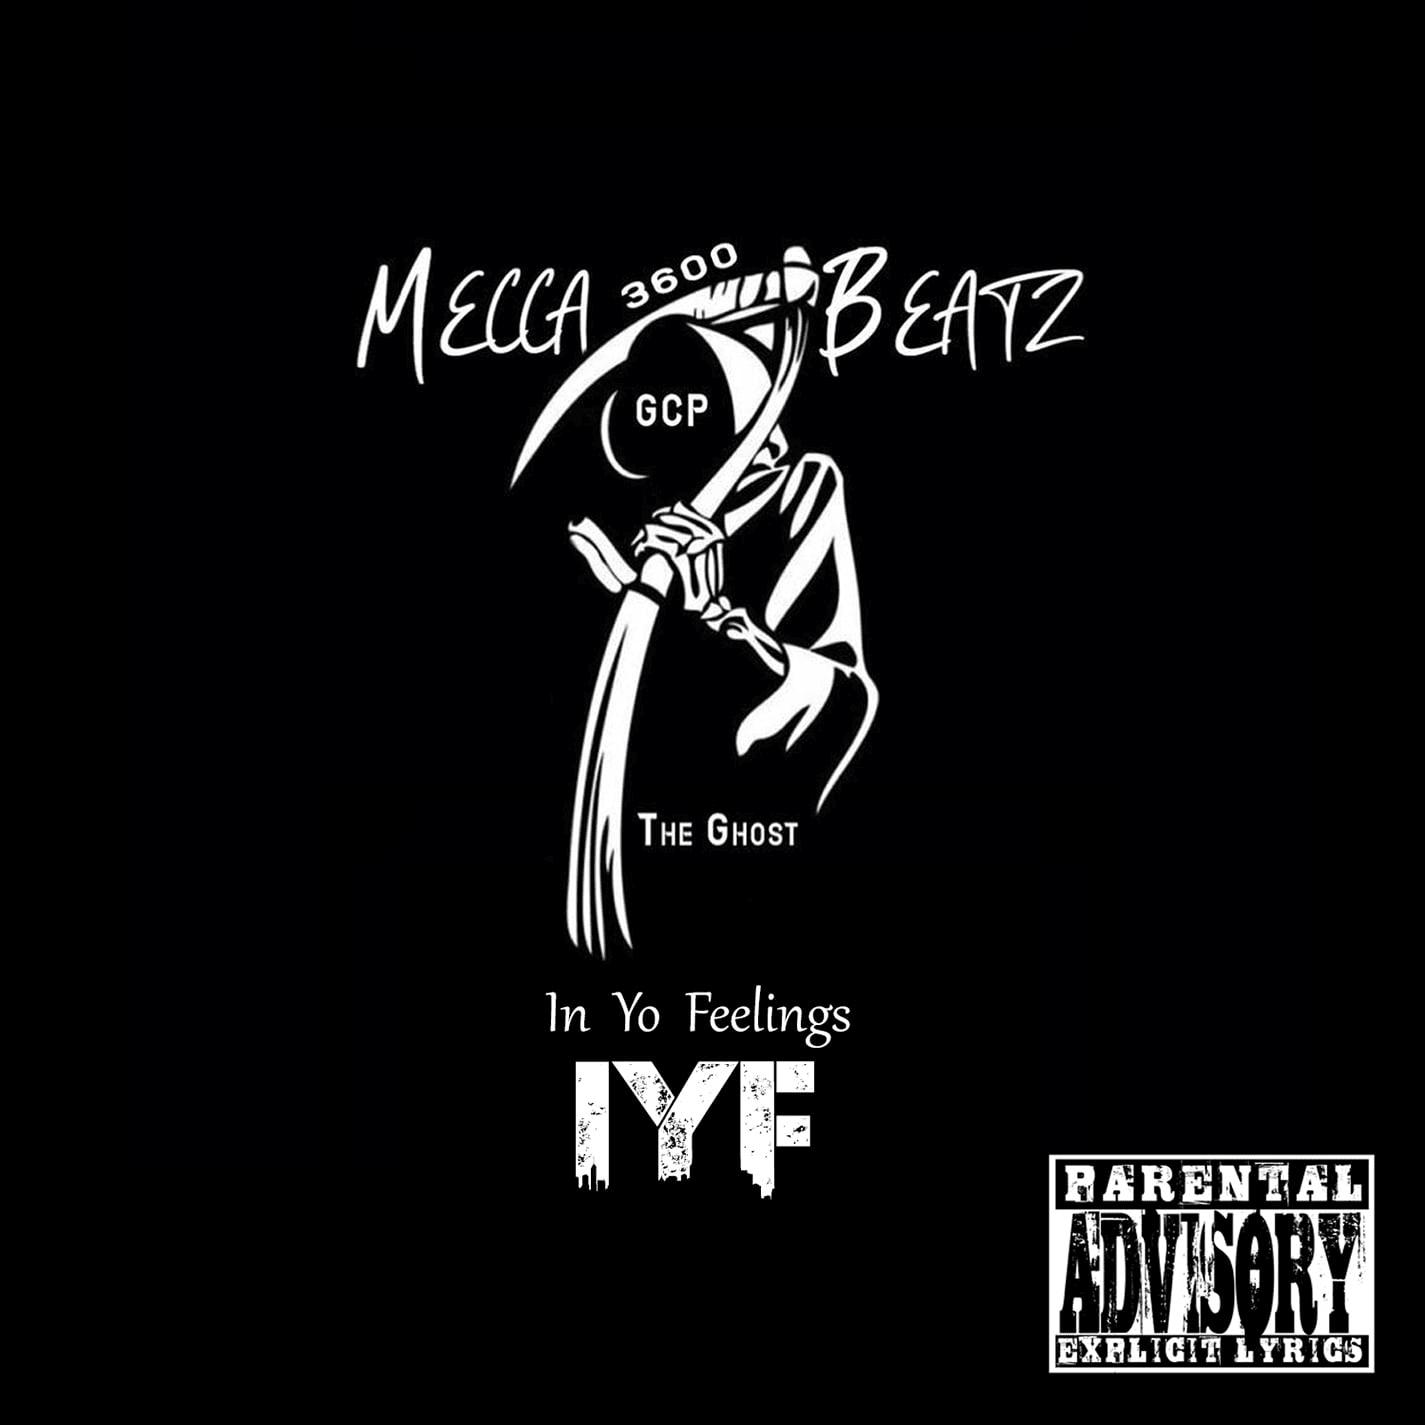 Mecca Beatz